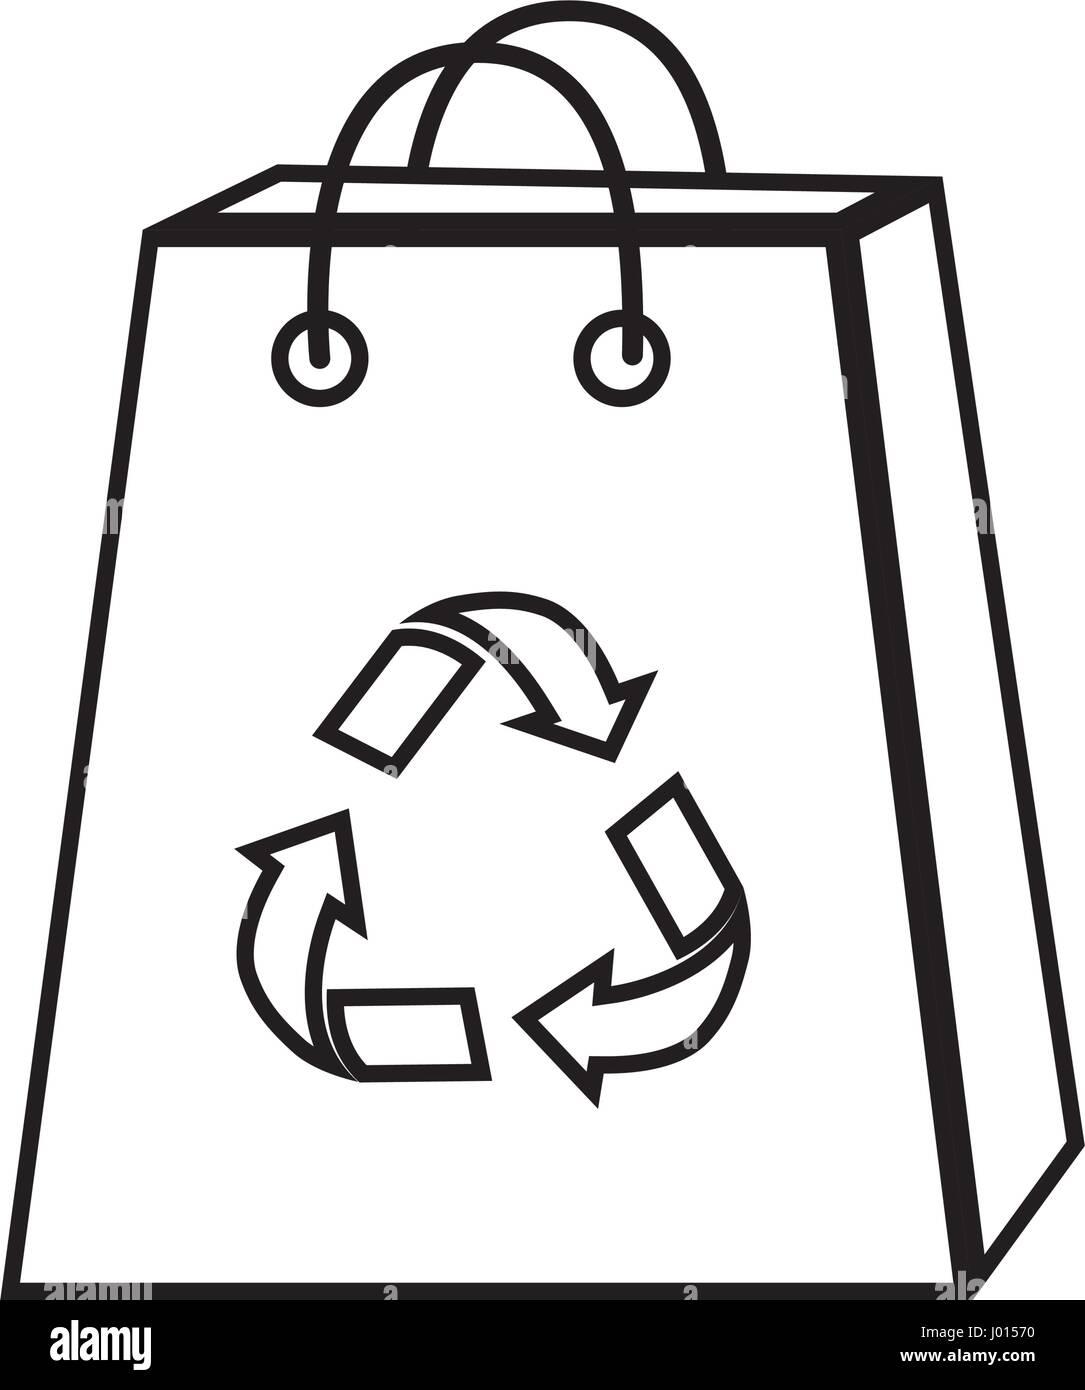 Silhouette borsa con ridurre, riutilizzare e riciclare il simbolo Immagini Stock